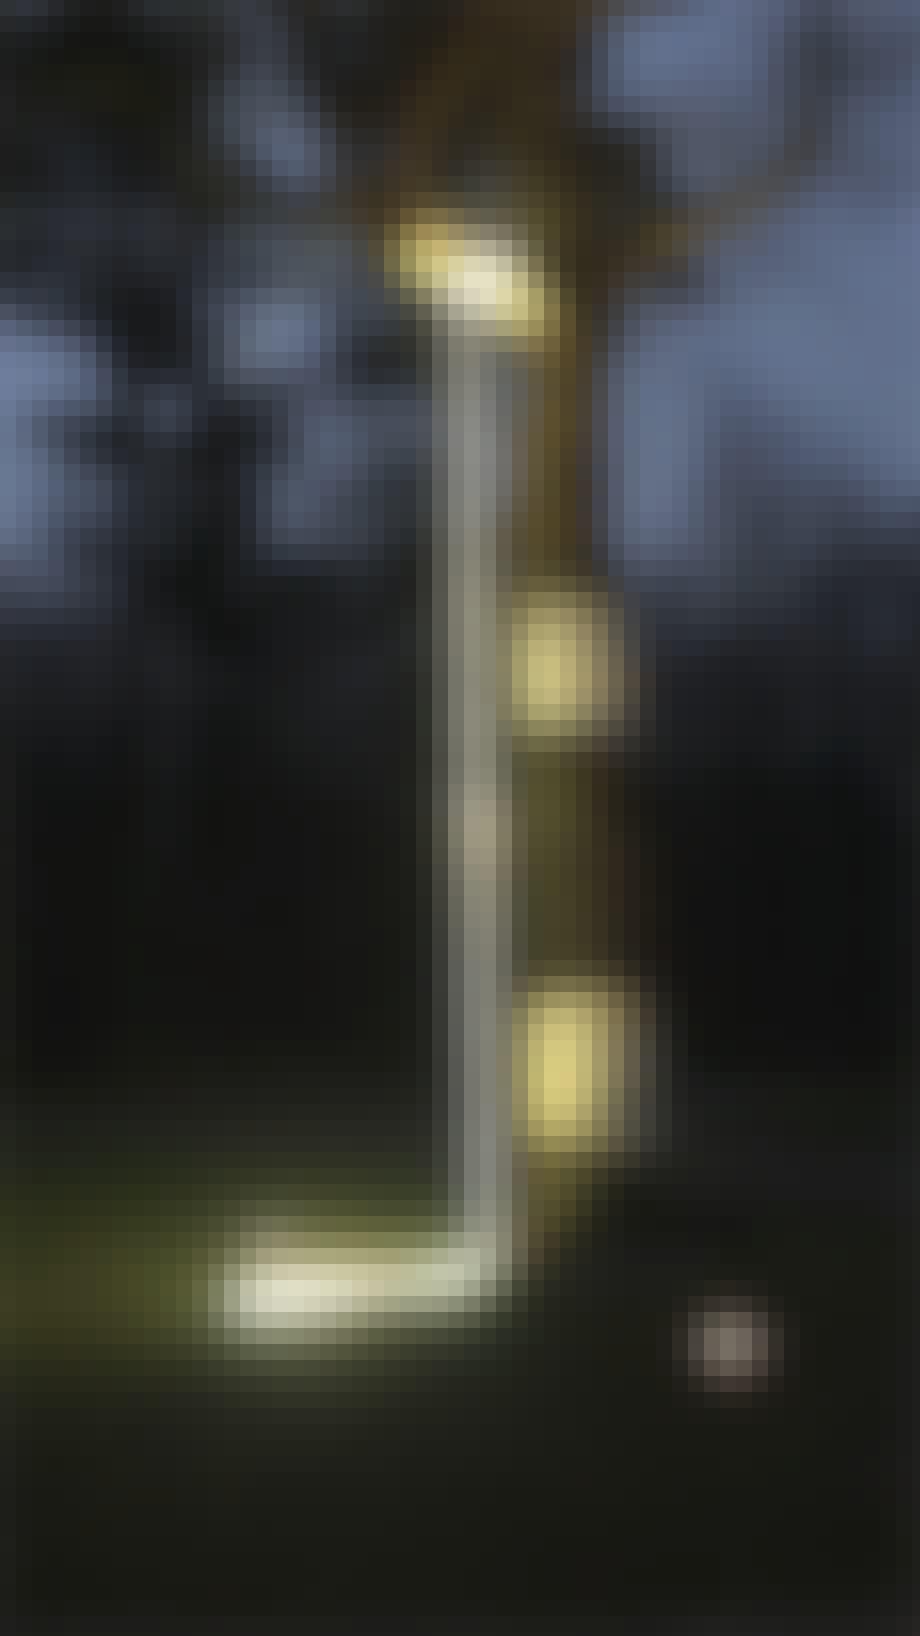 lyskunst på galleri DGV i svendborg træ